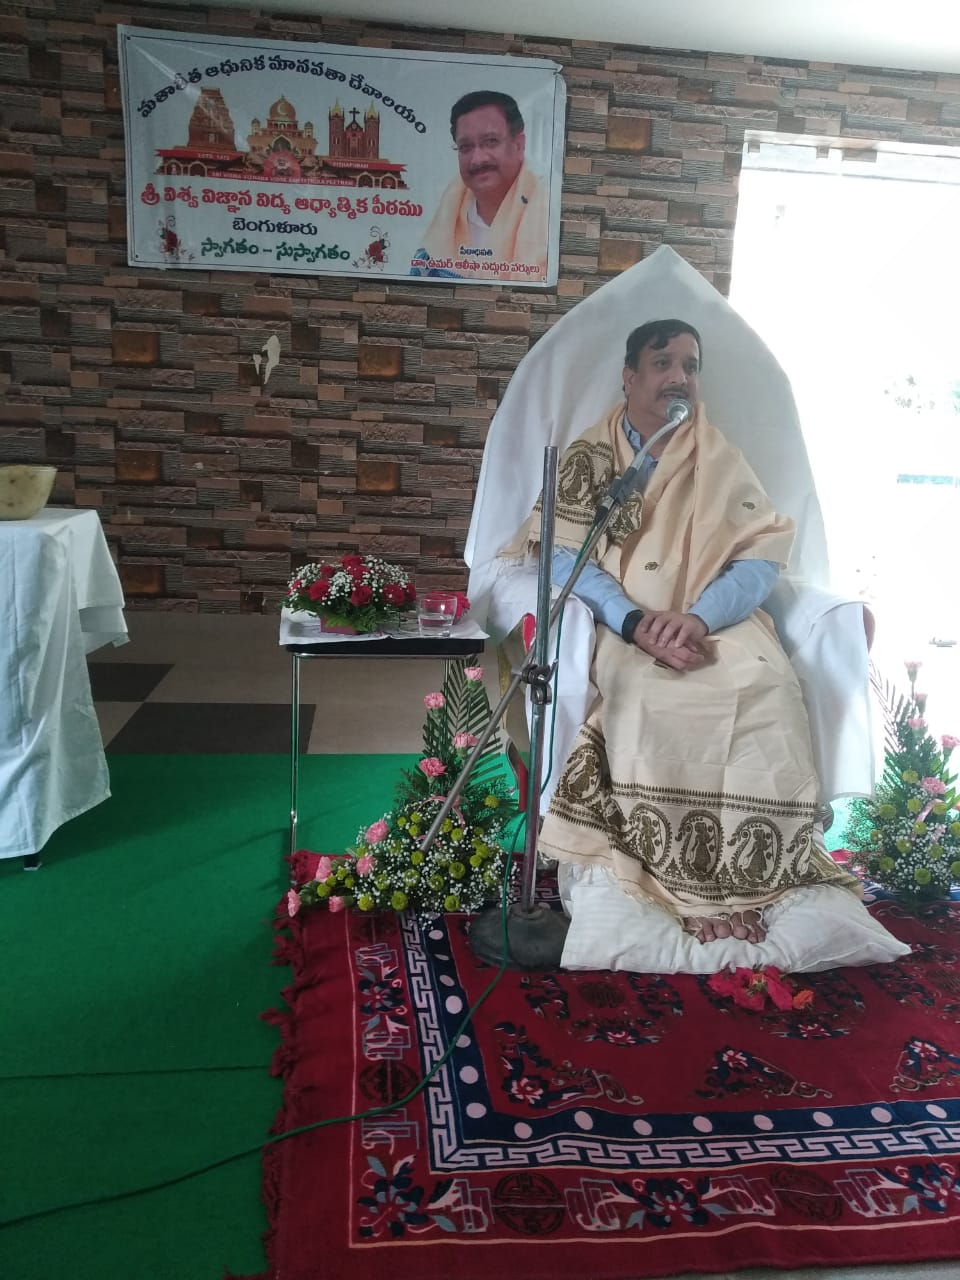 పీఠాధిపతి డాక్టర్ ఉమర్ అలీషా గారు అనుగ్రహణాభాషణ